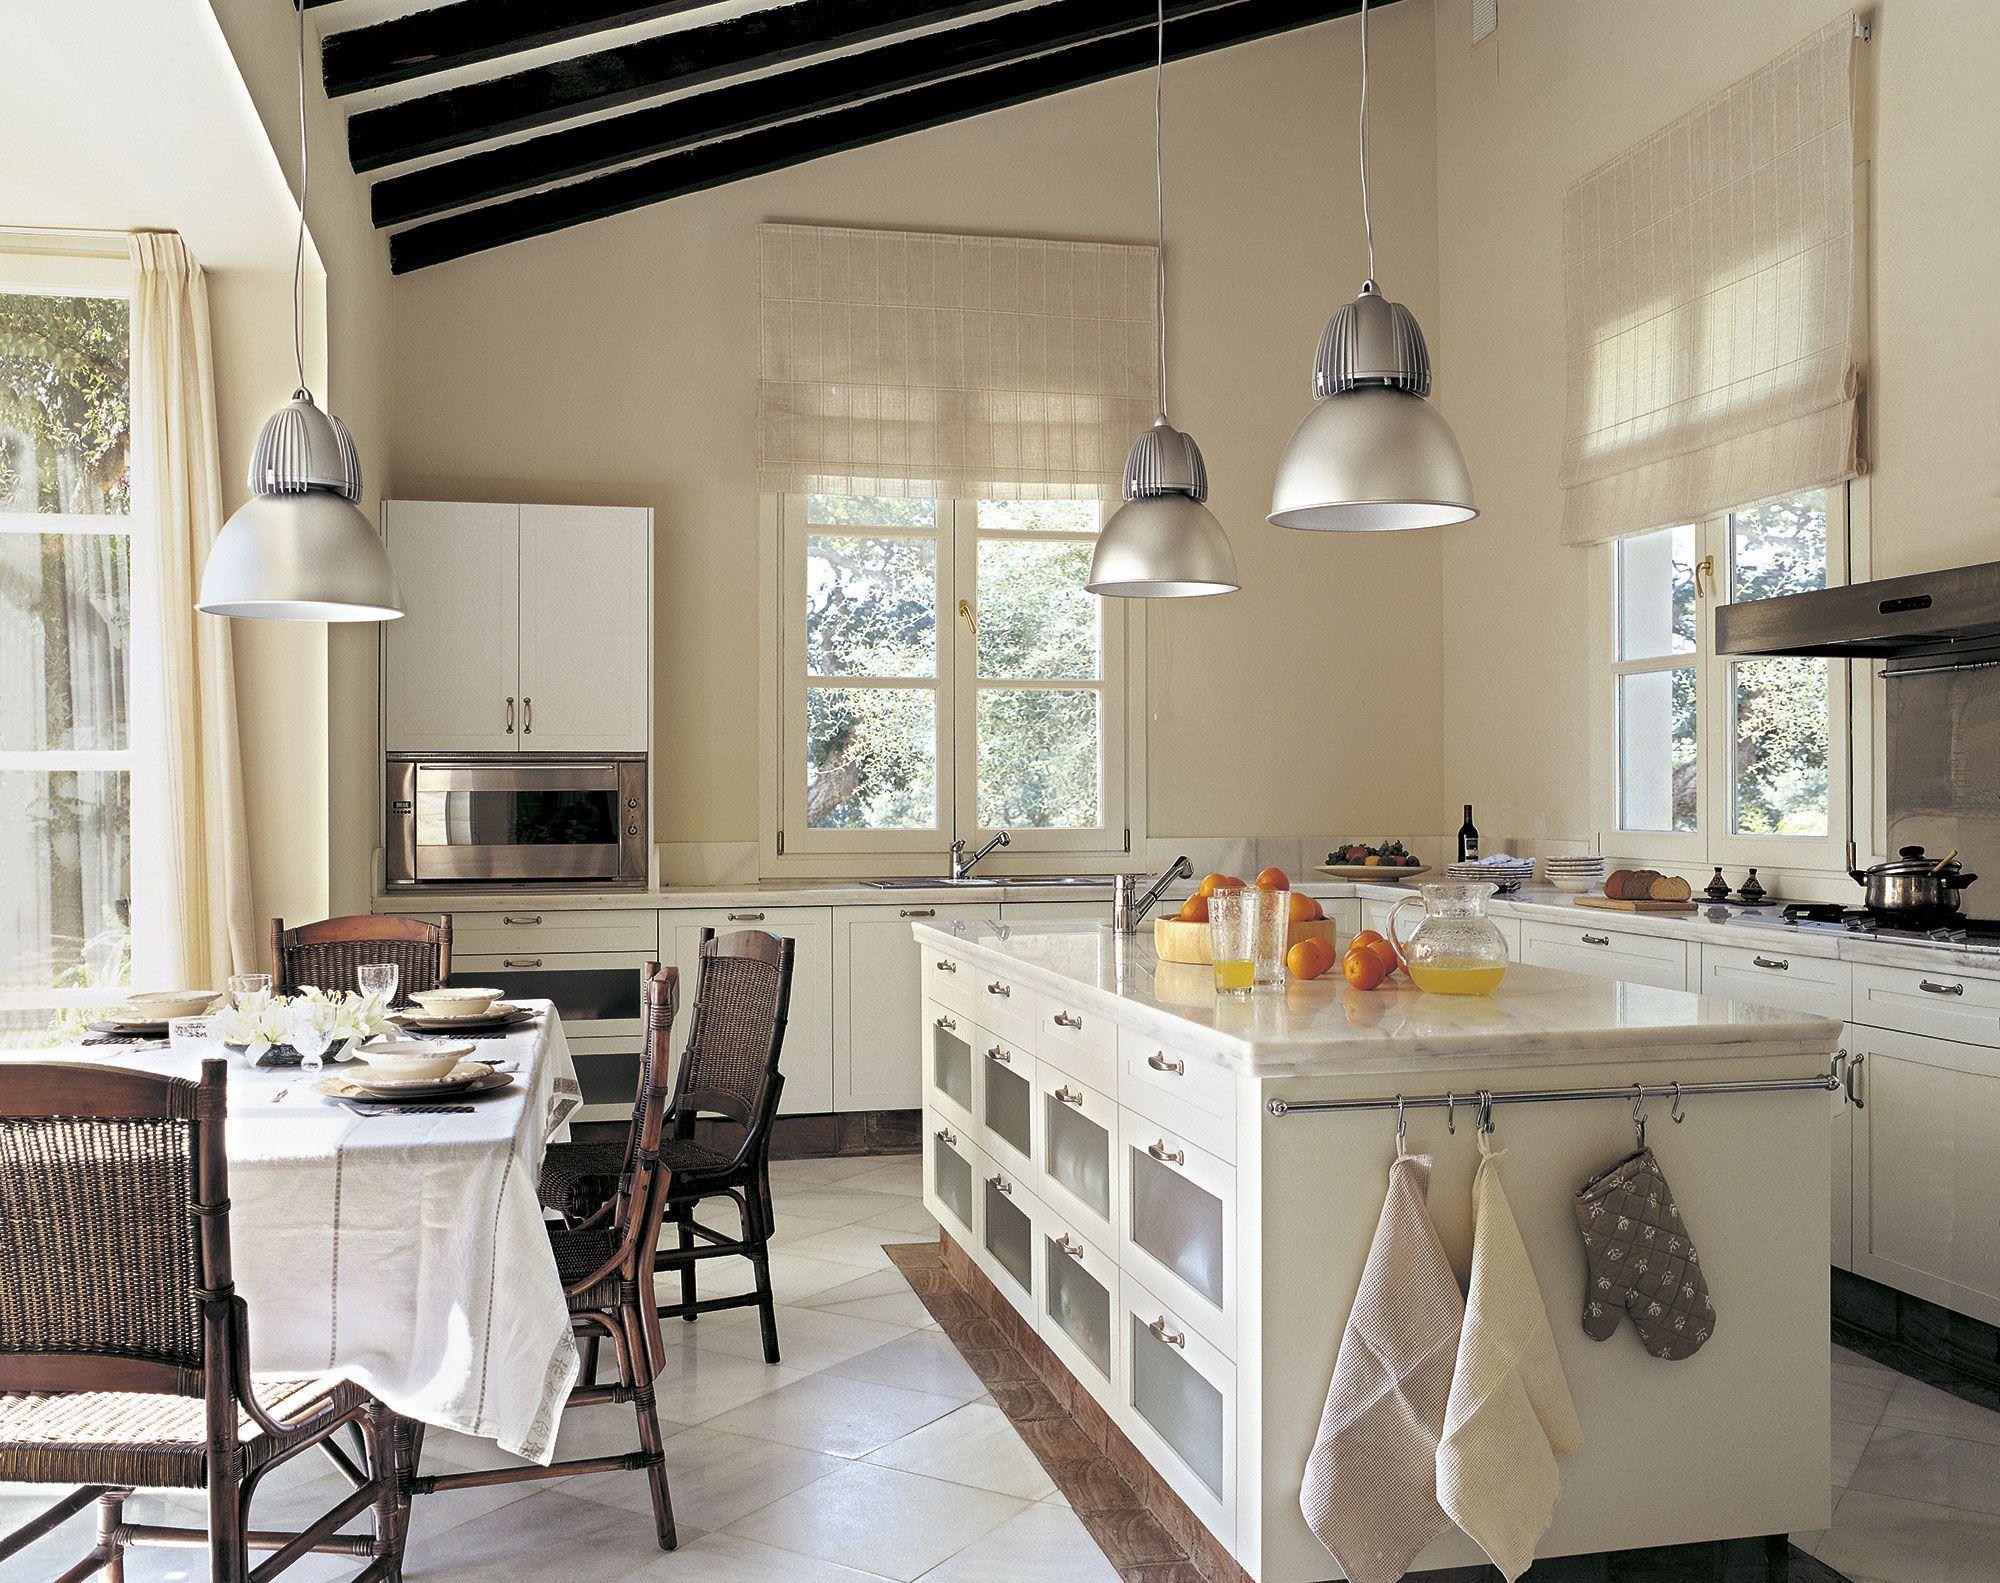 Cocina blanca con isla central, con encimeras de mármol, lámparas ...